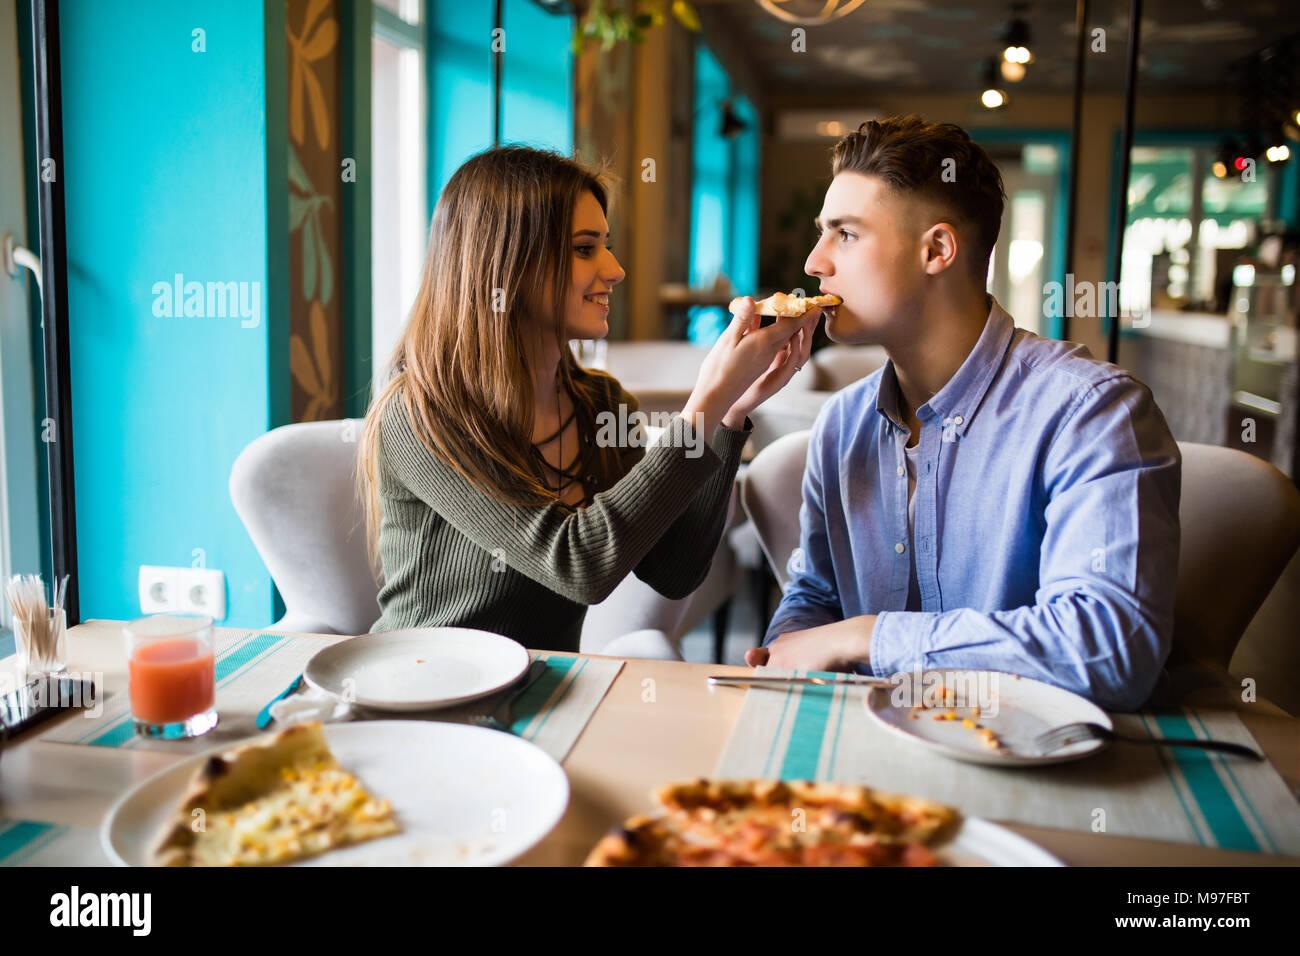 Dating in pizzeria. Bello sorridente giovane godendo in pizza, divertirsi insieme. Il consumismo, il cibo, il concetto di stile di vita Immagini Stock